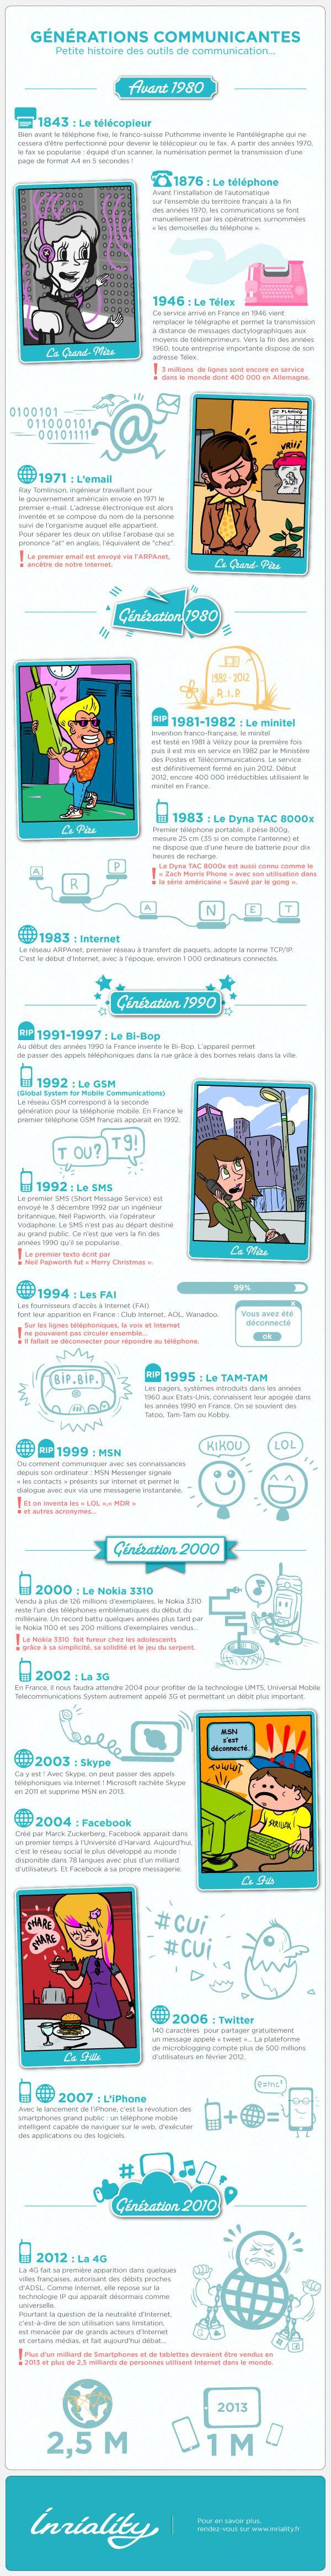 HISTOIRE DES OUTILS DE COMMUNICATION